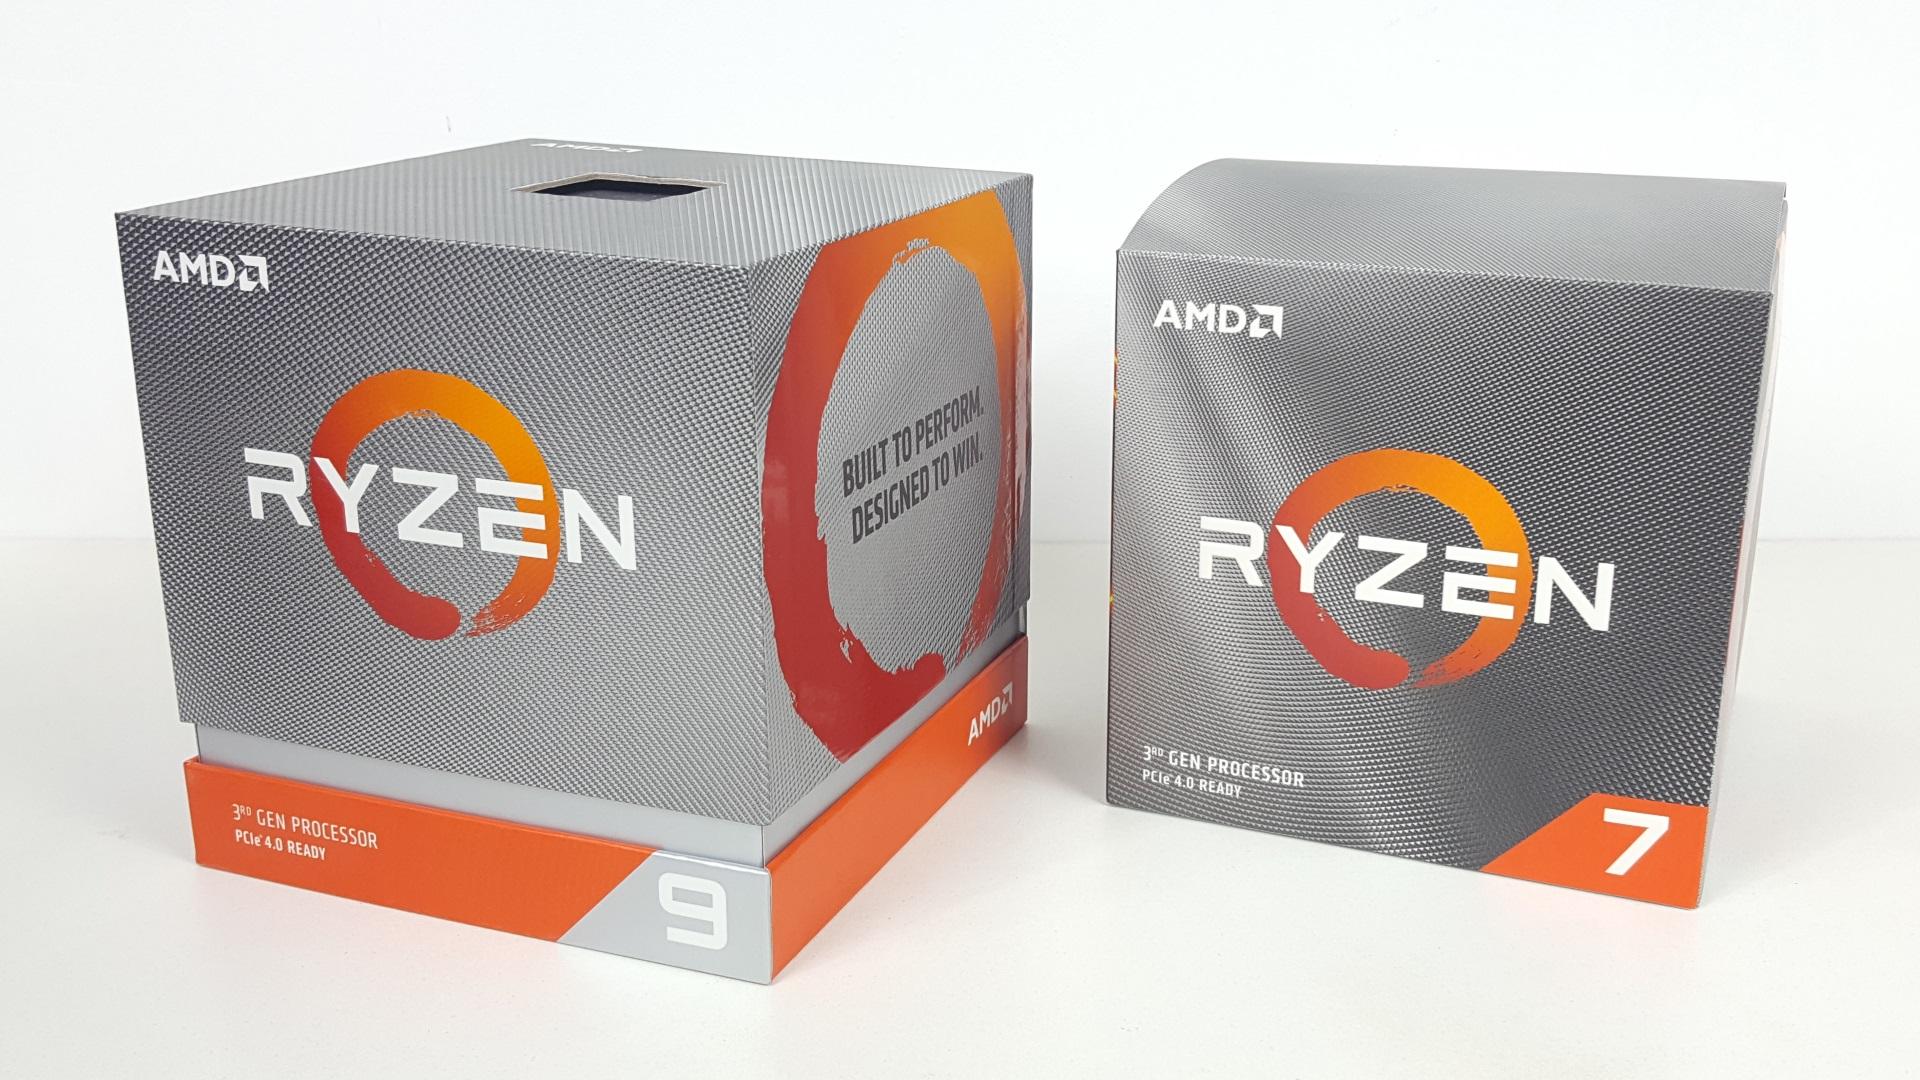 AMD Ryzen 3000 7 nm